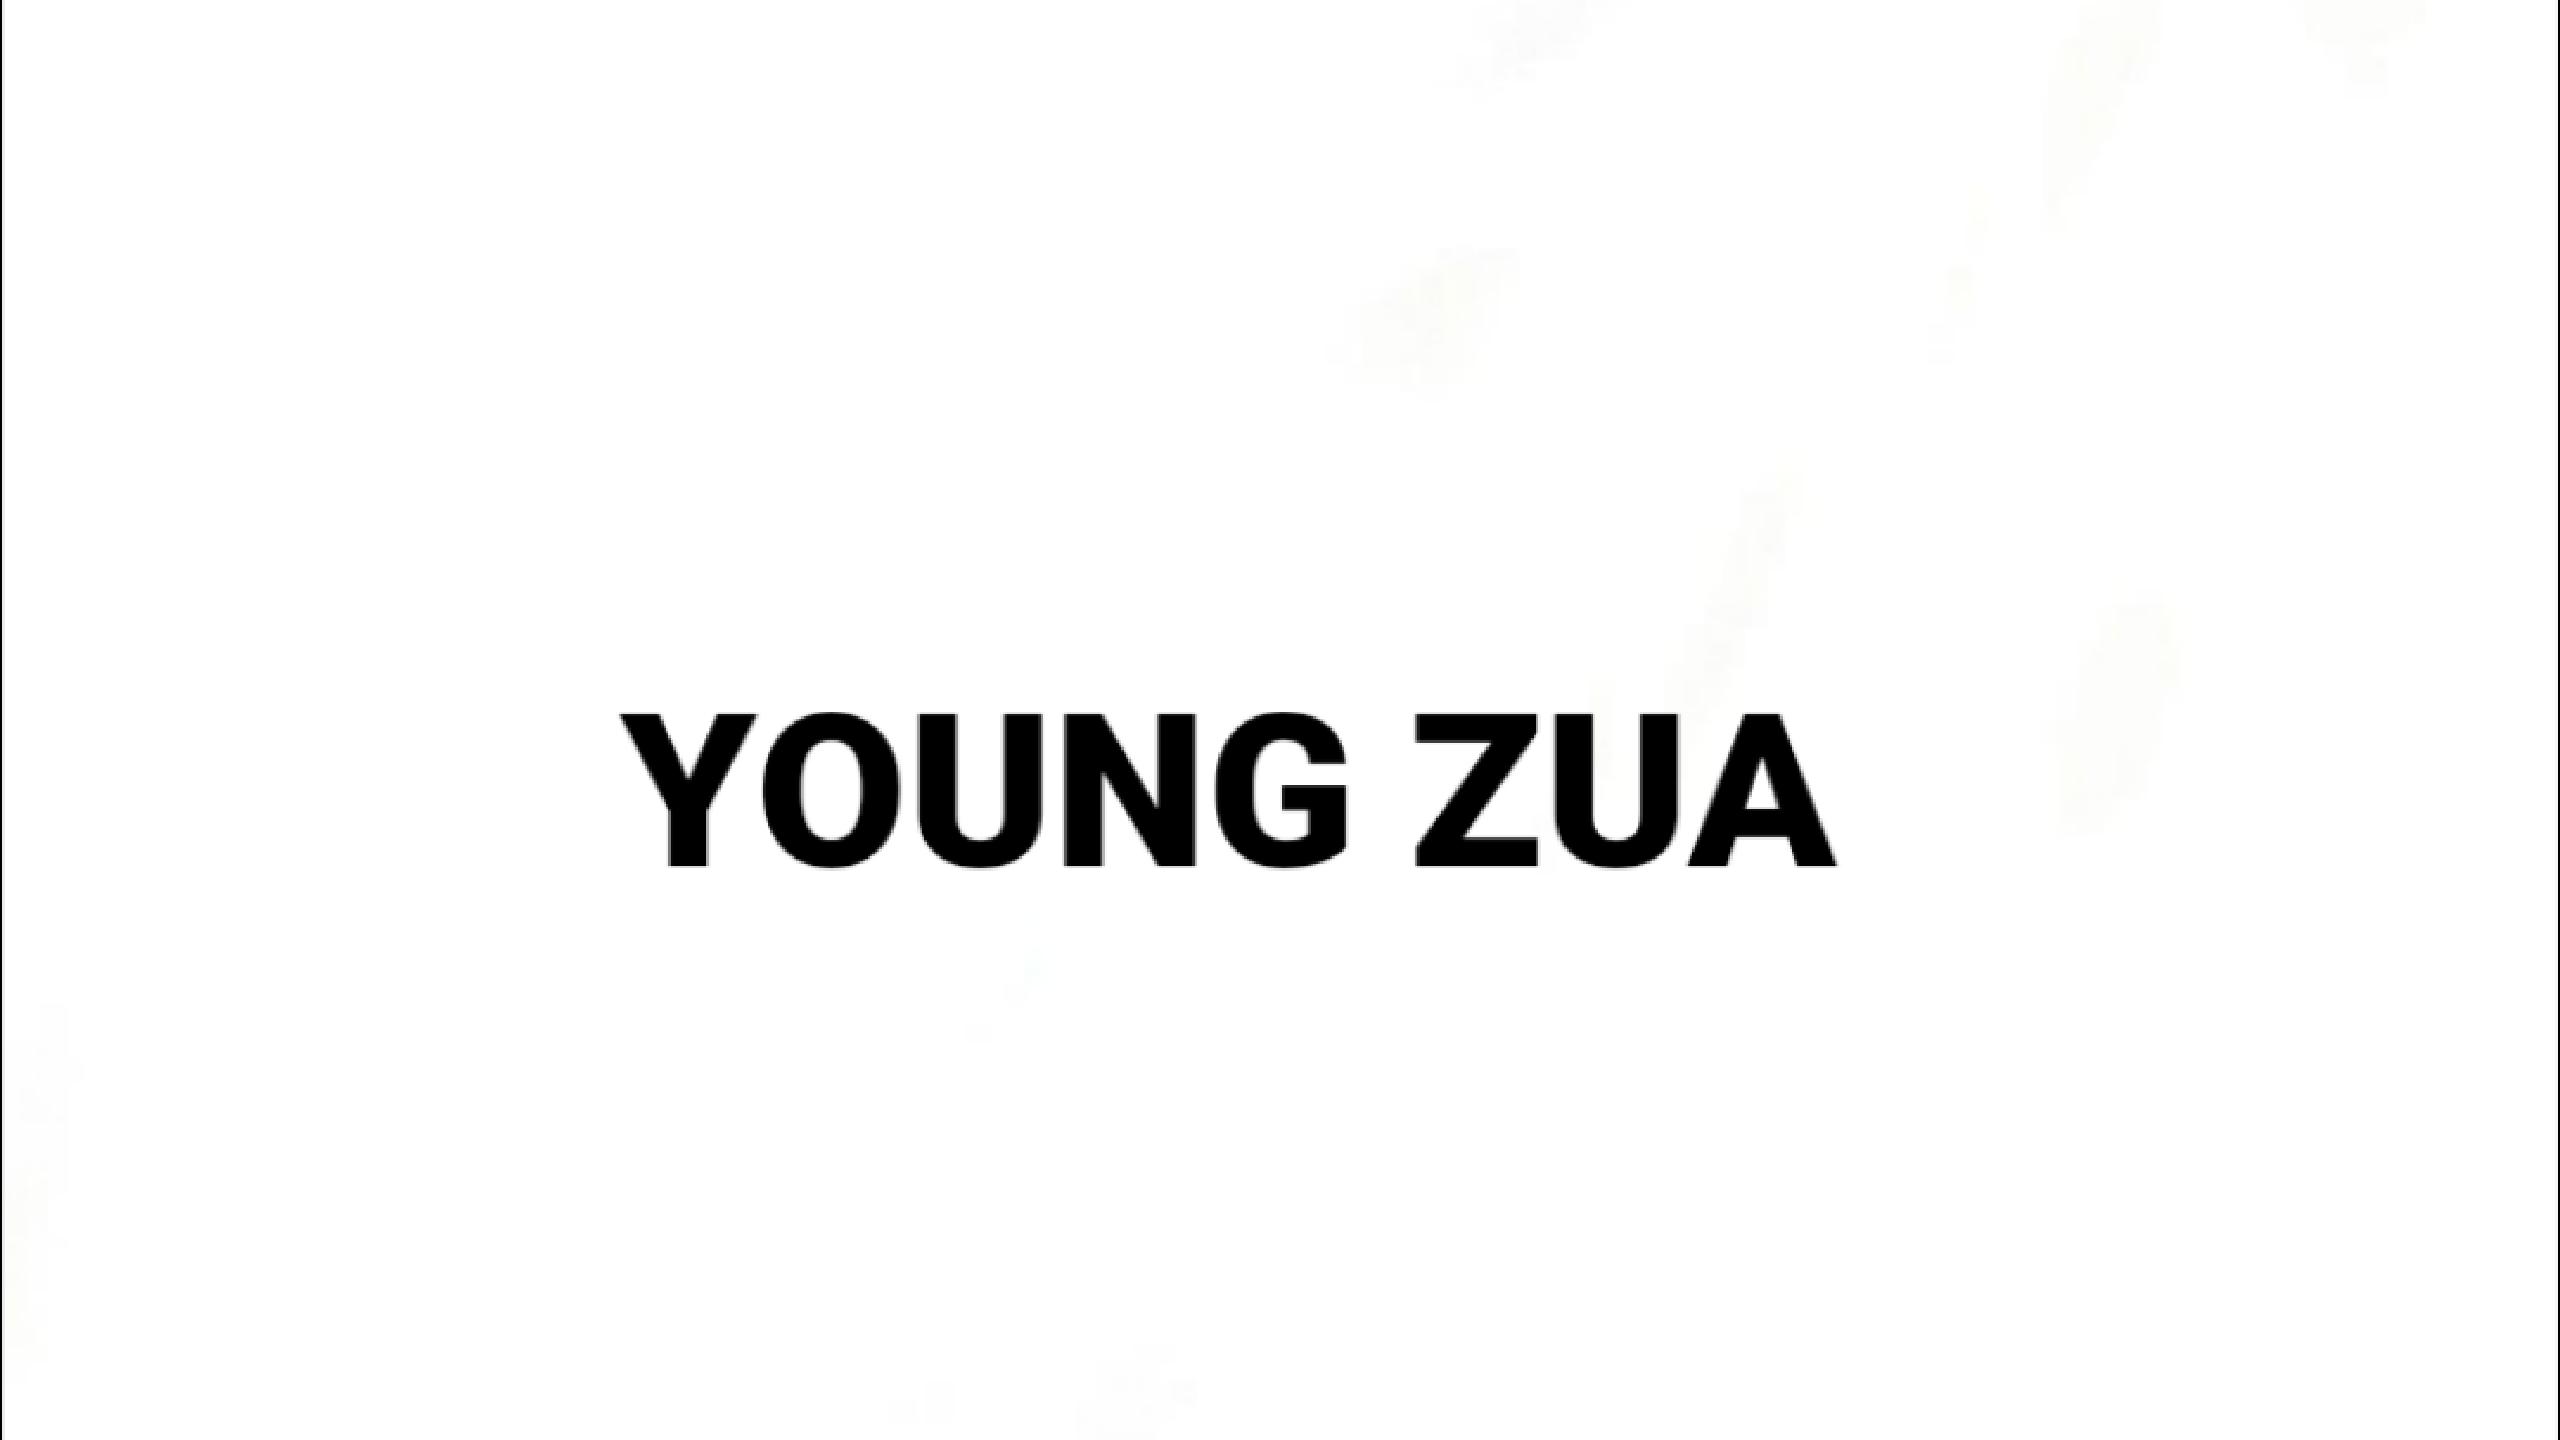 Young zua